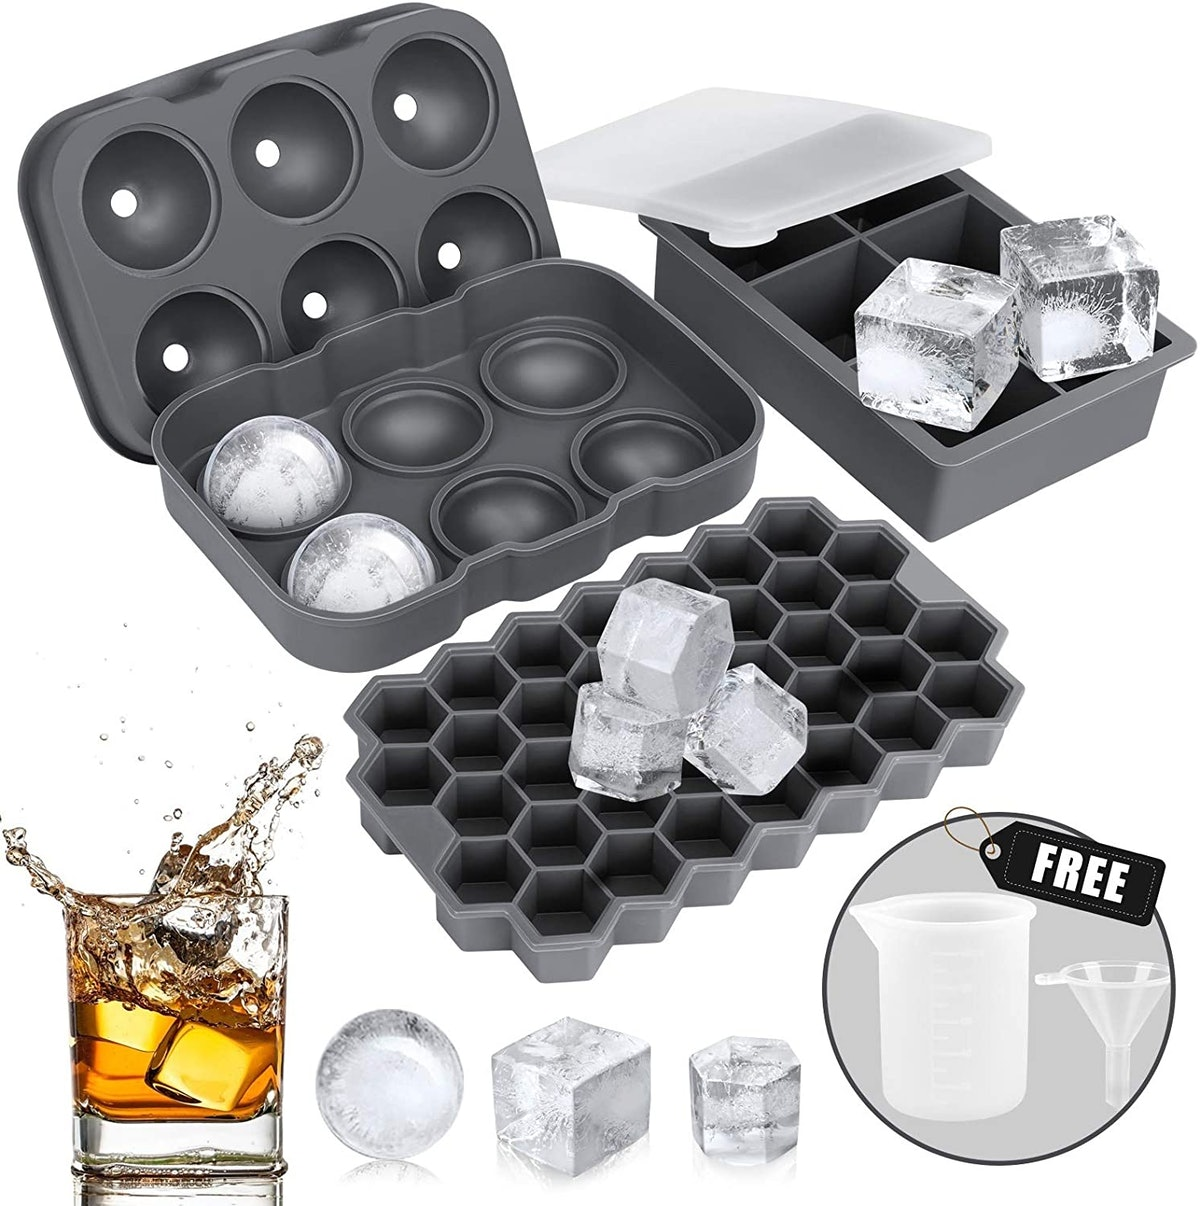 AiBast Silicone Ice Tray Set (3 Pack)